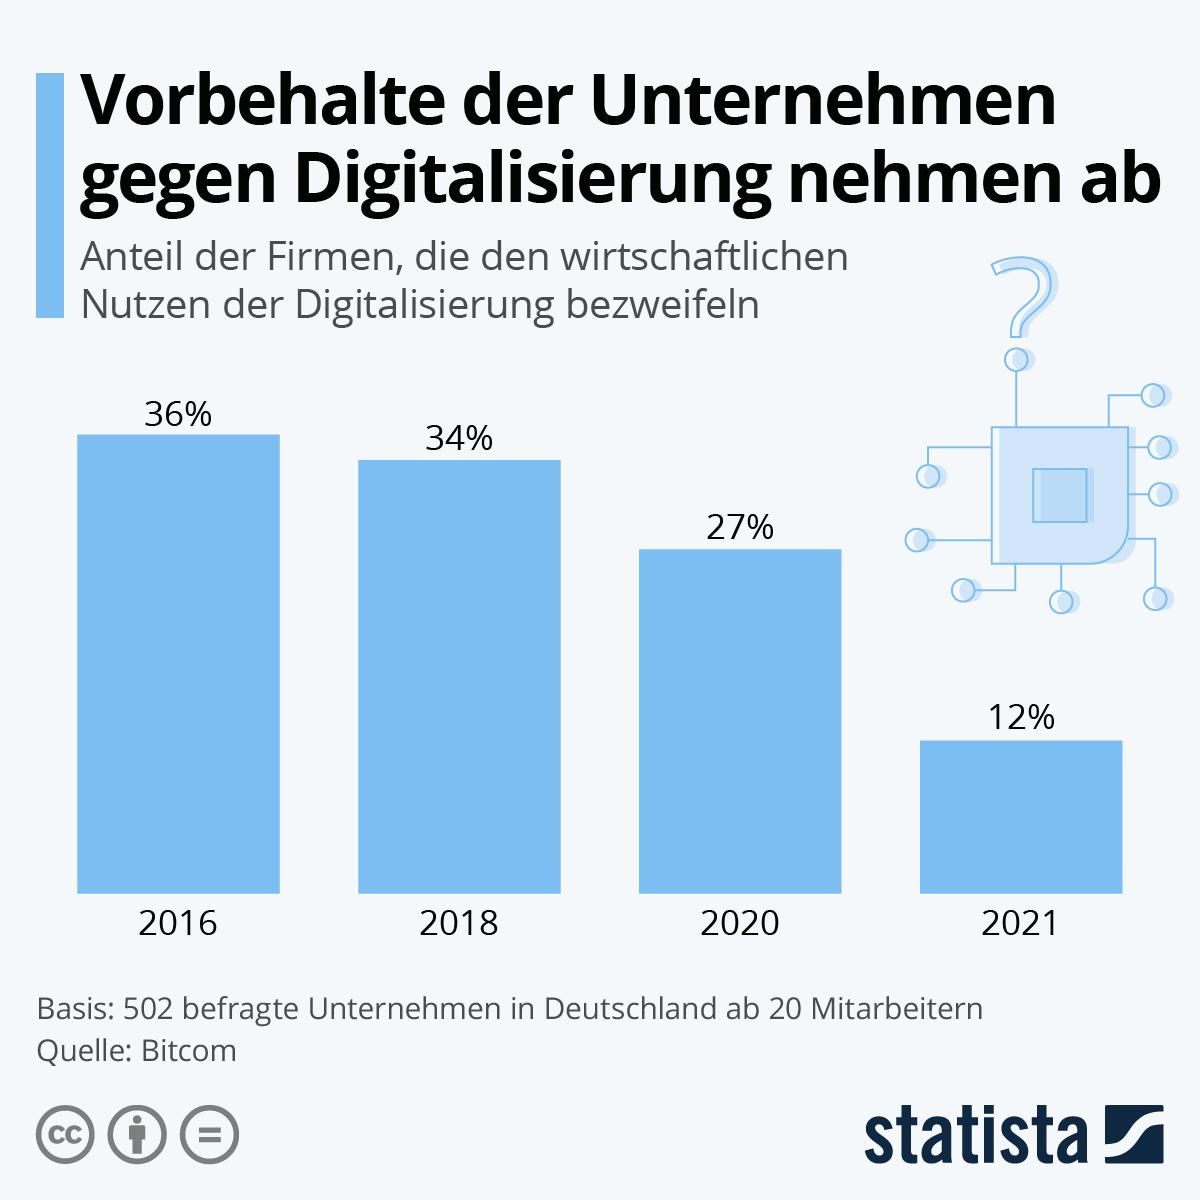 Infografik: Vorbehalte der Unternehmen gegen Digitalisierung nehmen ab | Statista